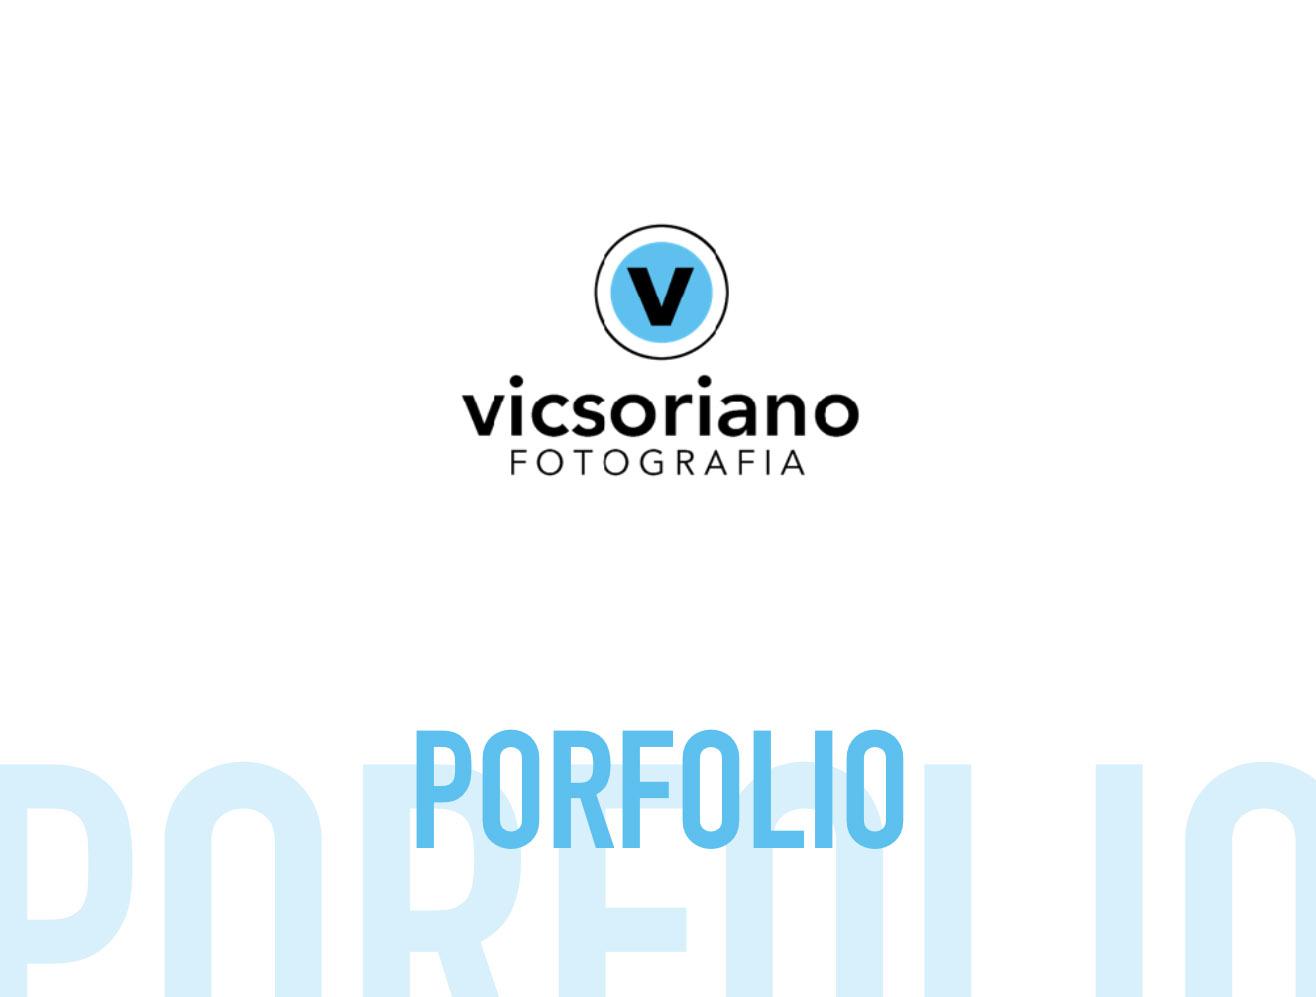 porfolio del fotografo de publicidad y retrato Victor Soriano